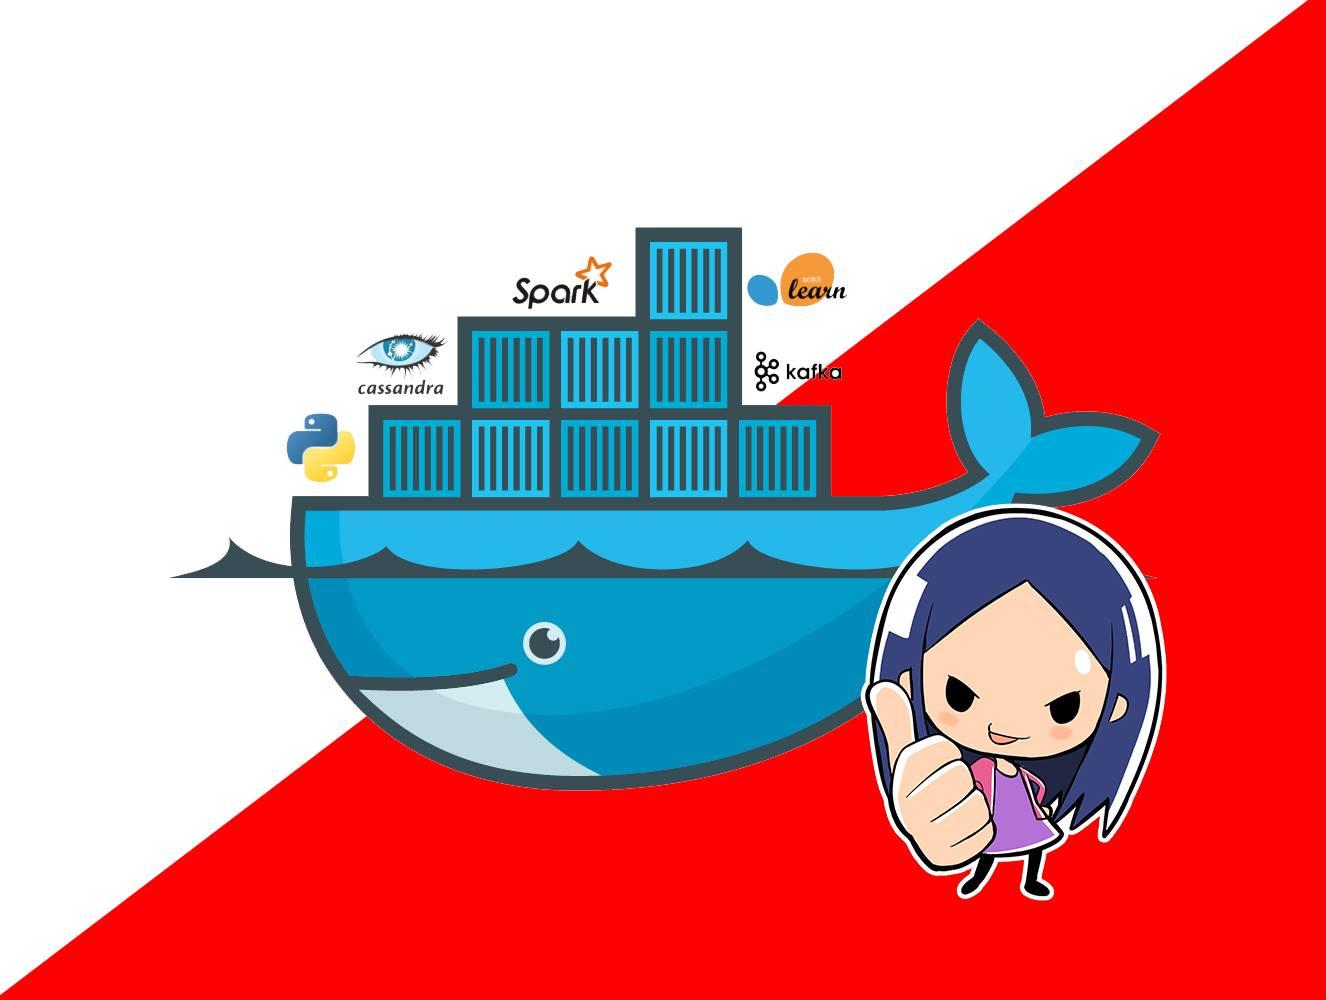 ทำความรู้จัก Docker ฉบับนักพัฒนาเว็บ ตอนที่ 1